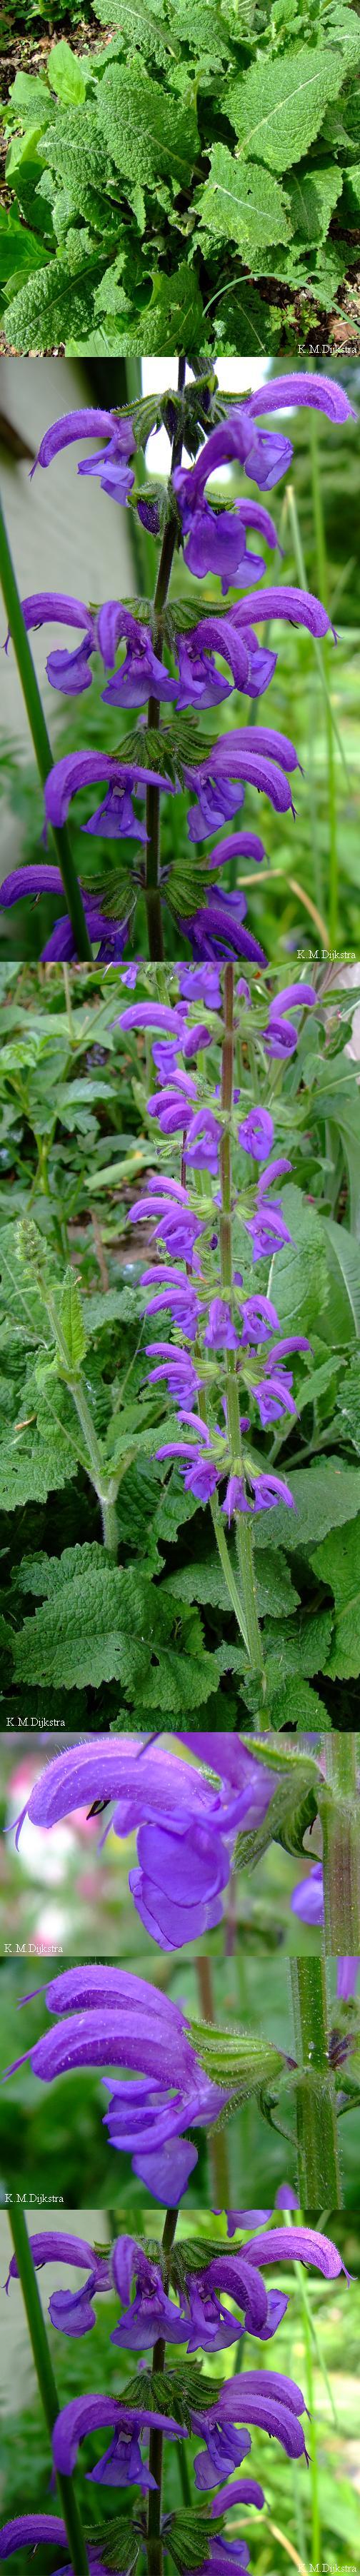 Veldsalie - Salvia pratensis